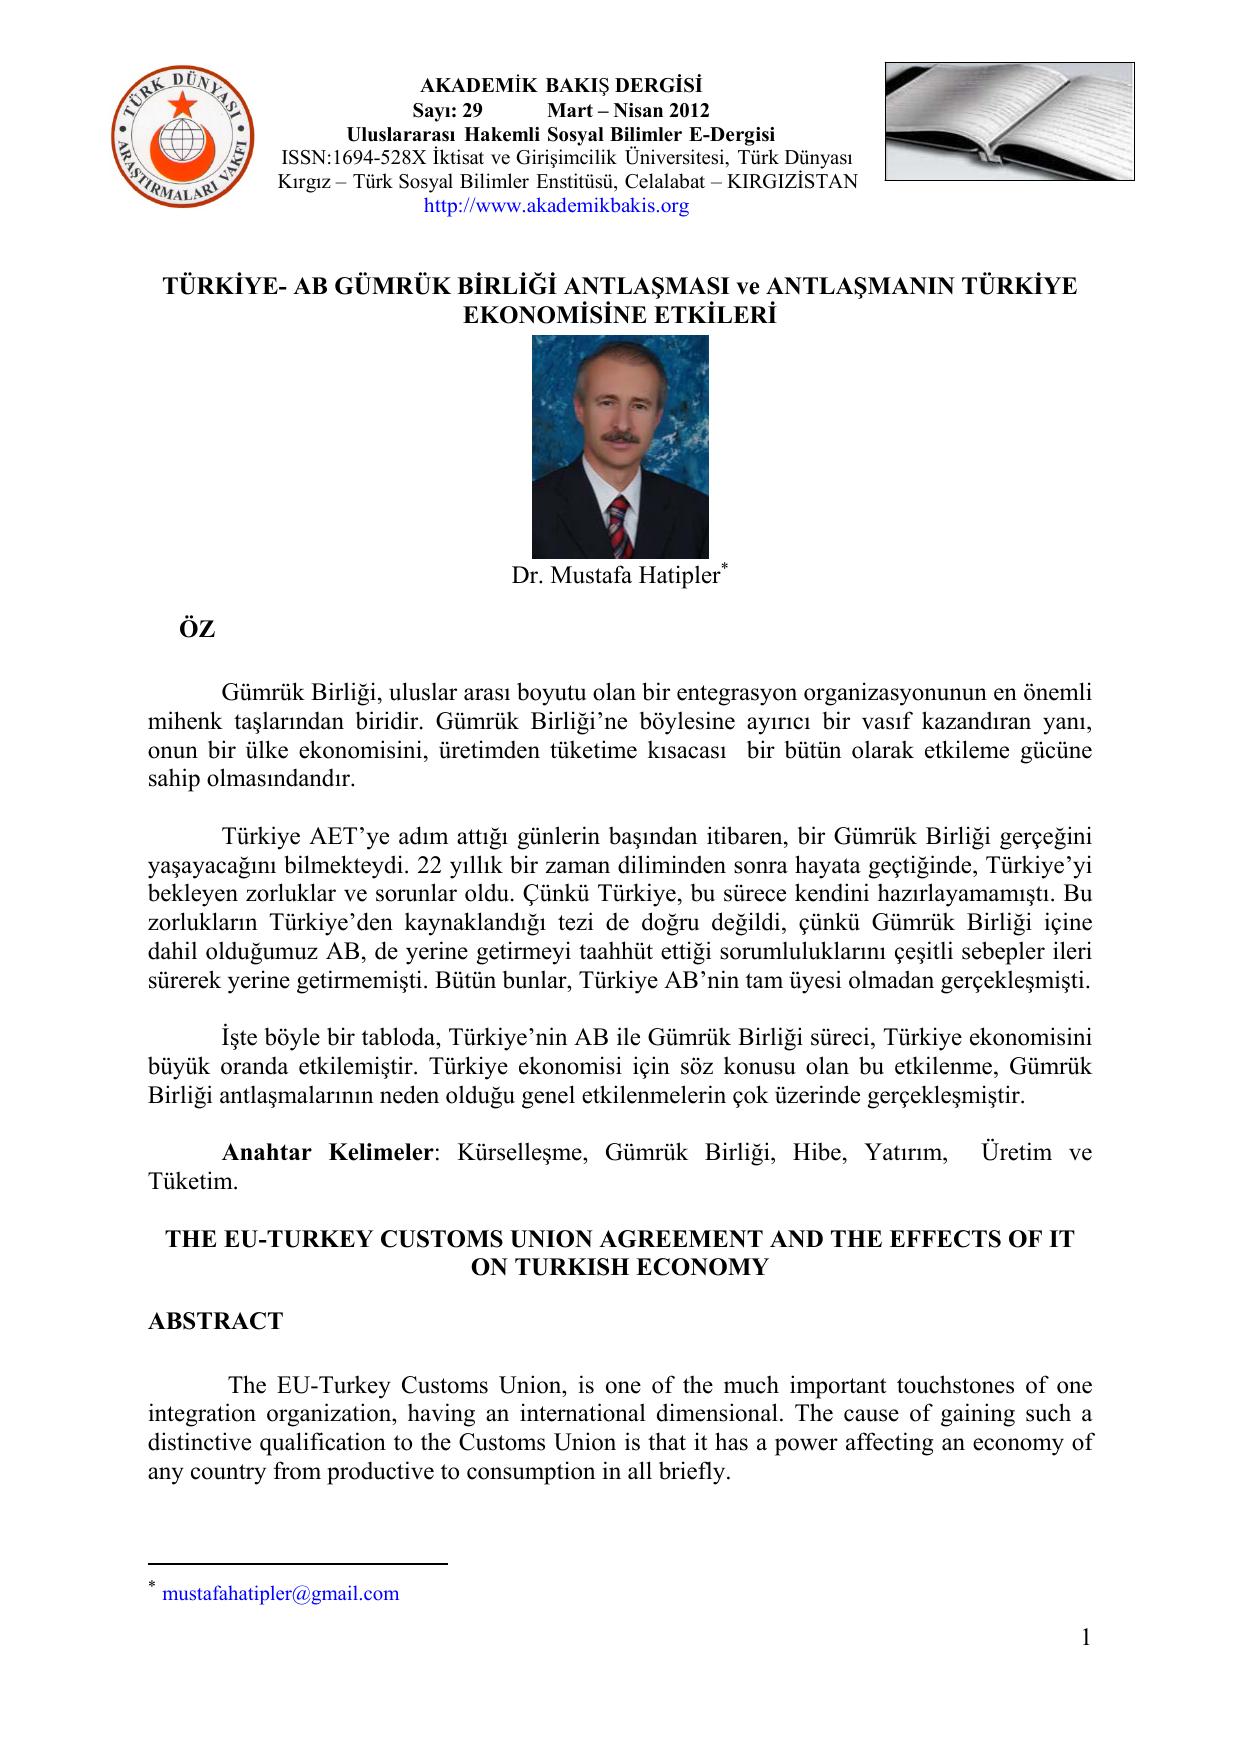 Merkez Haberleri: Metin Akpınar hakkındaki adli kontrol kararı kaldırıldı 89